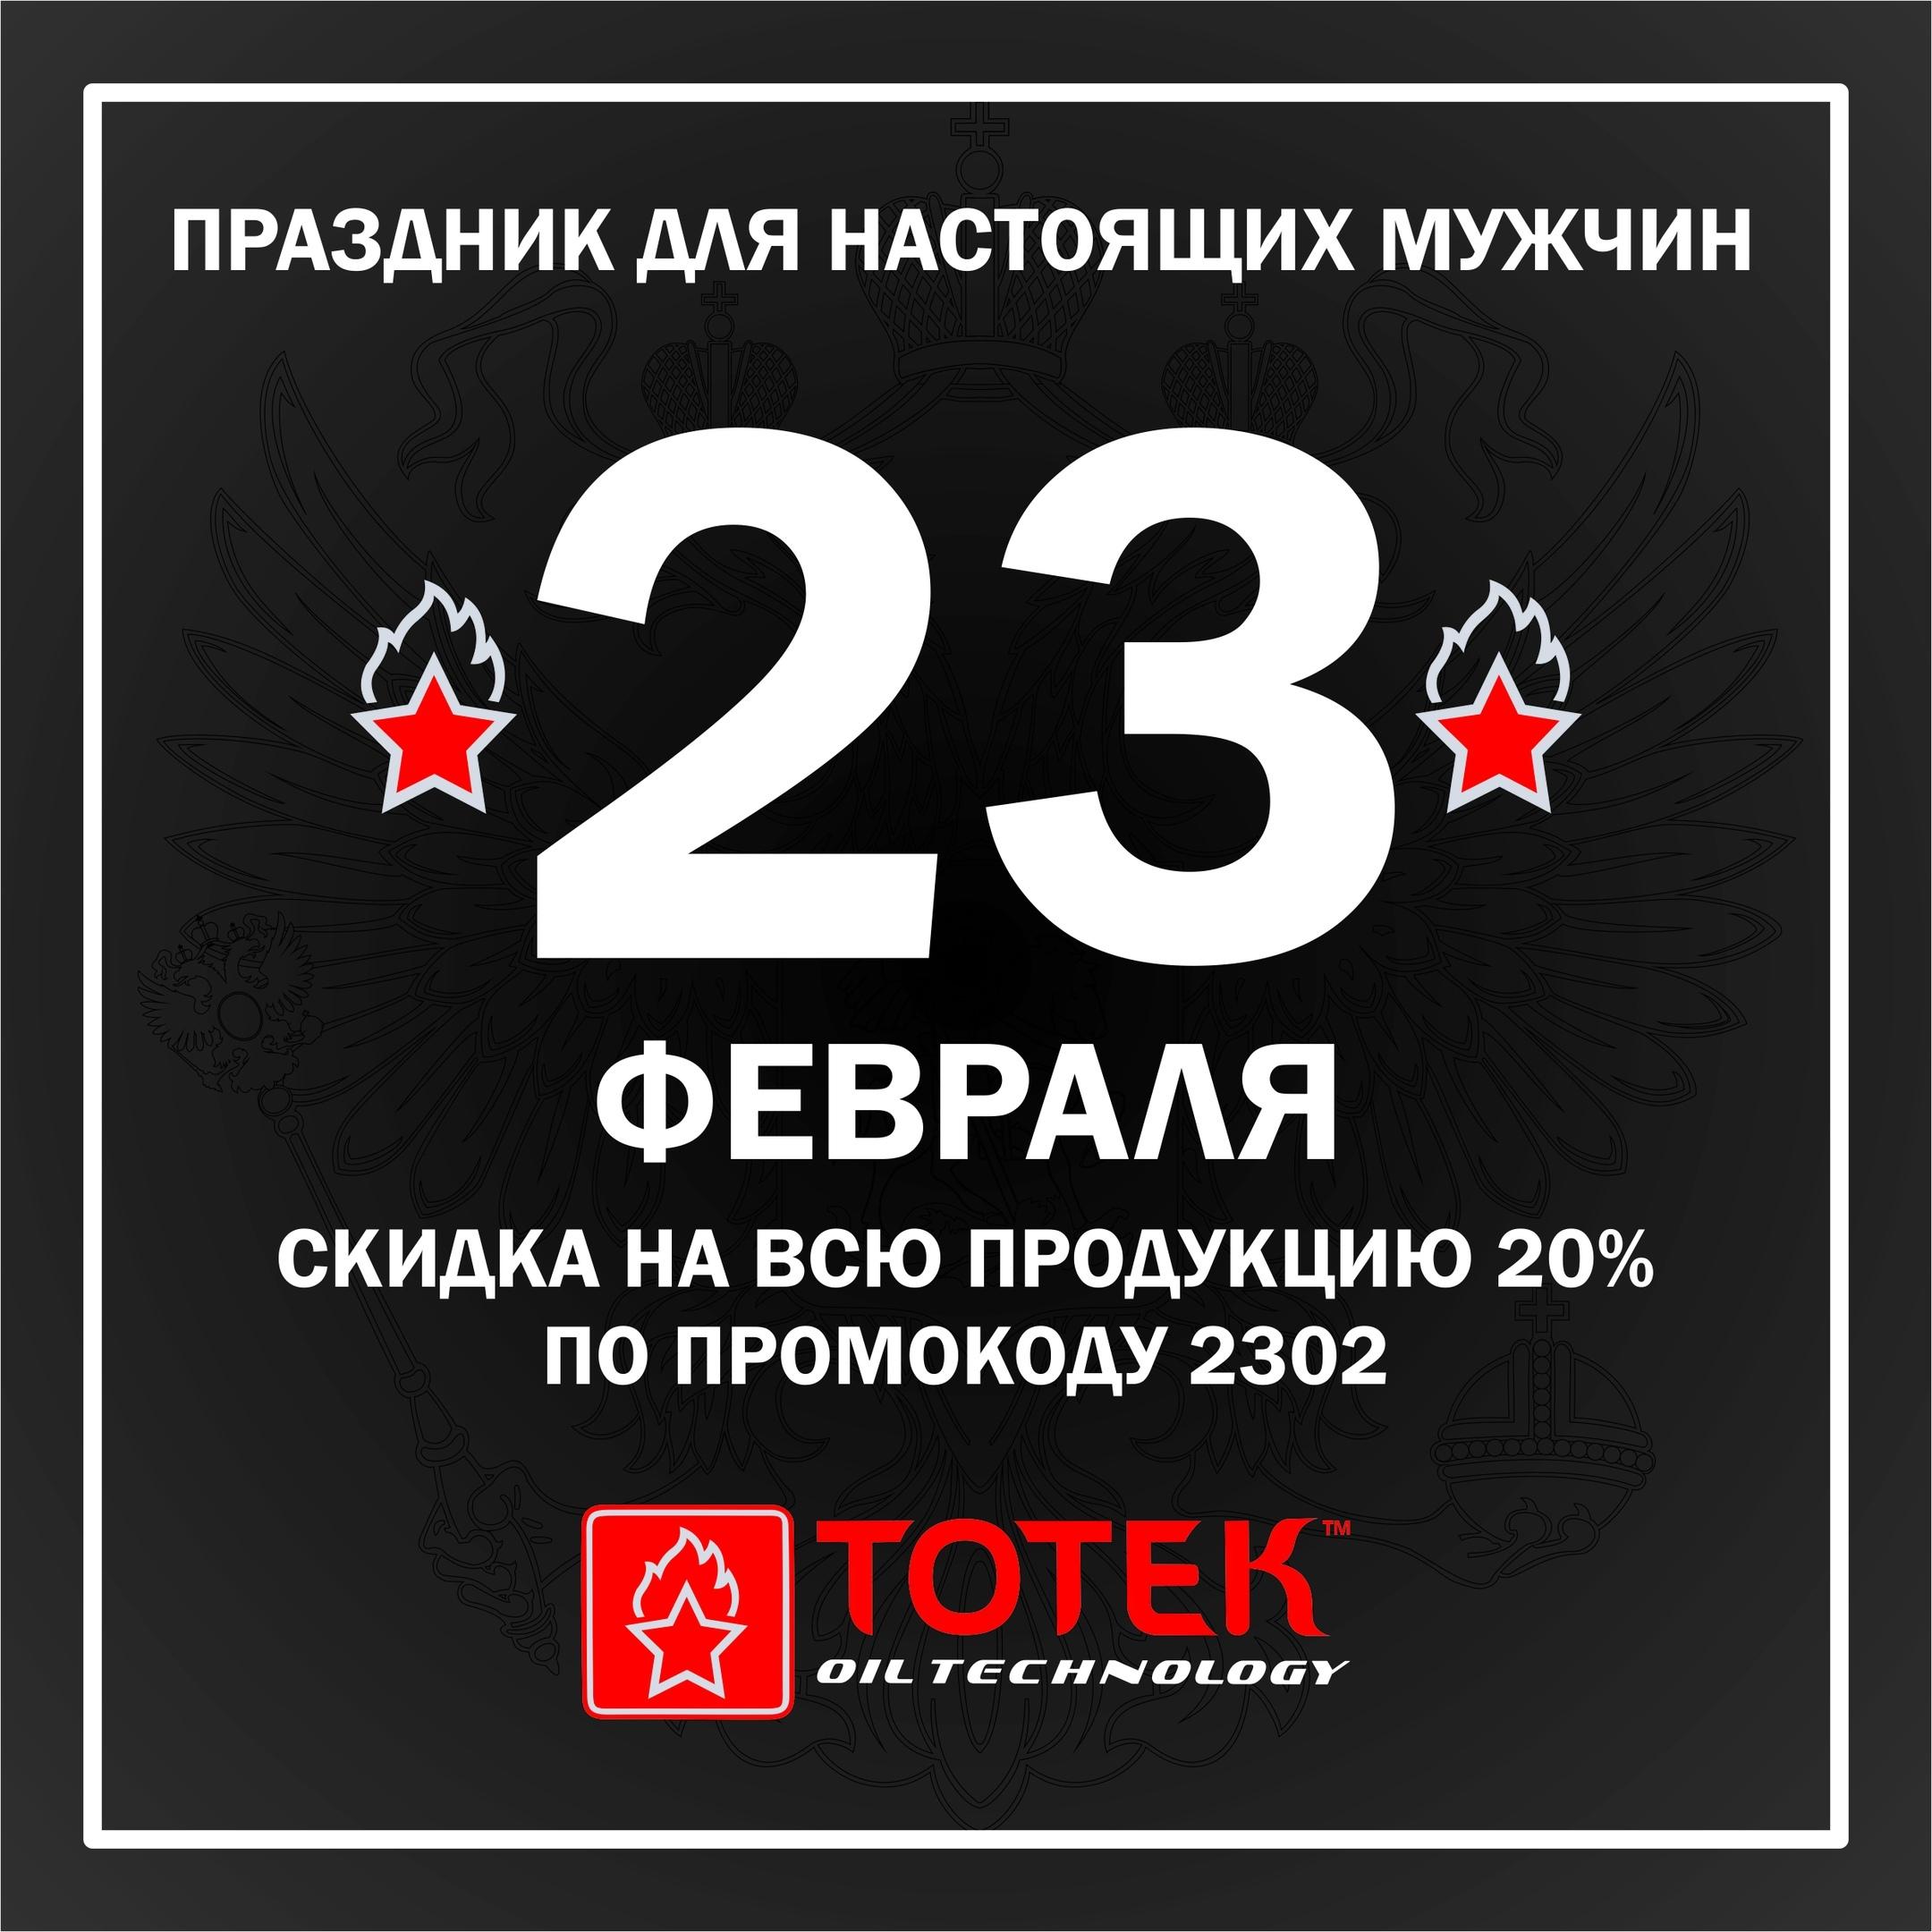 Тотек - Скидки на 23 февраля Секретные Технологии (totekpost.ru)